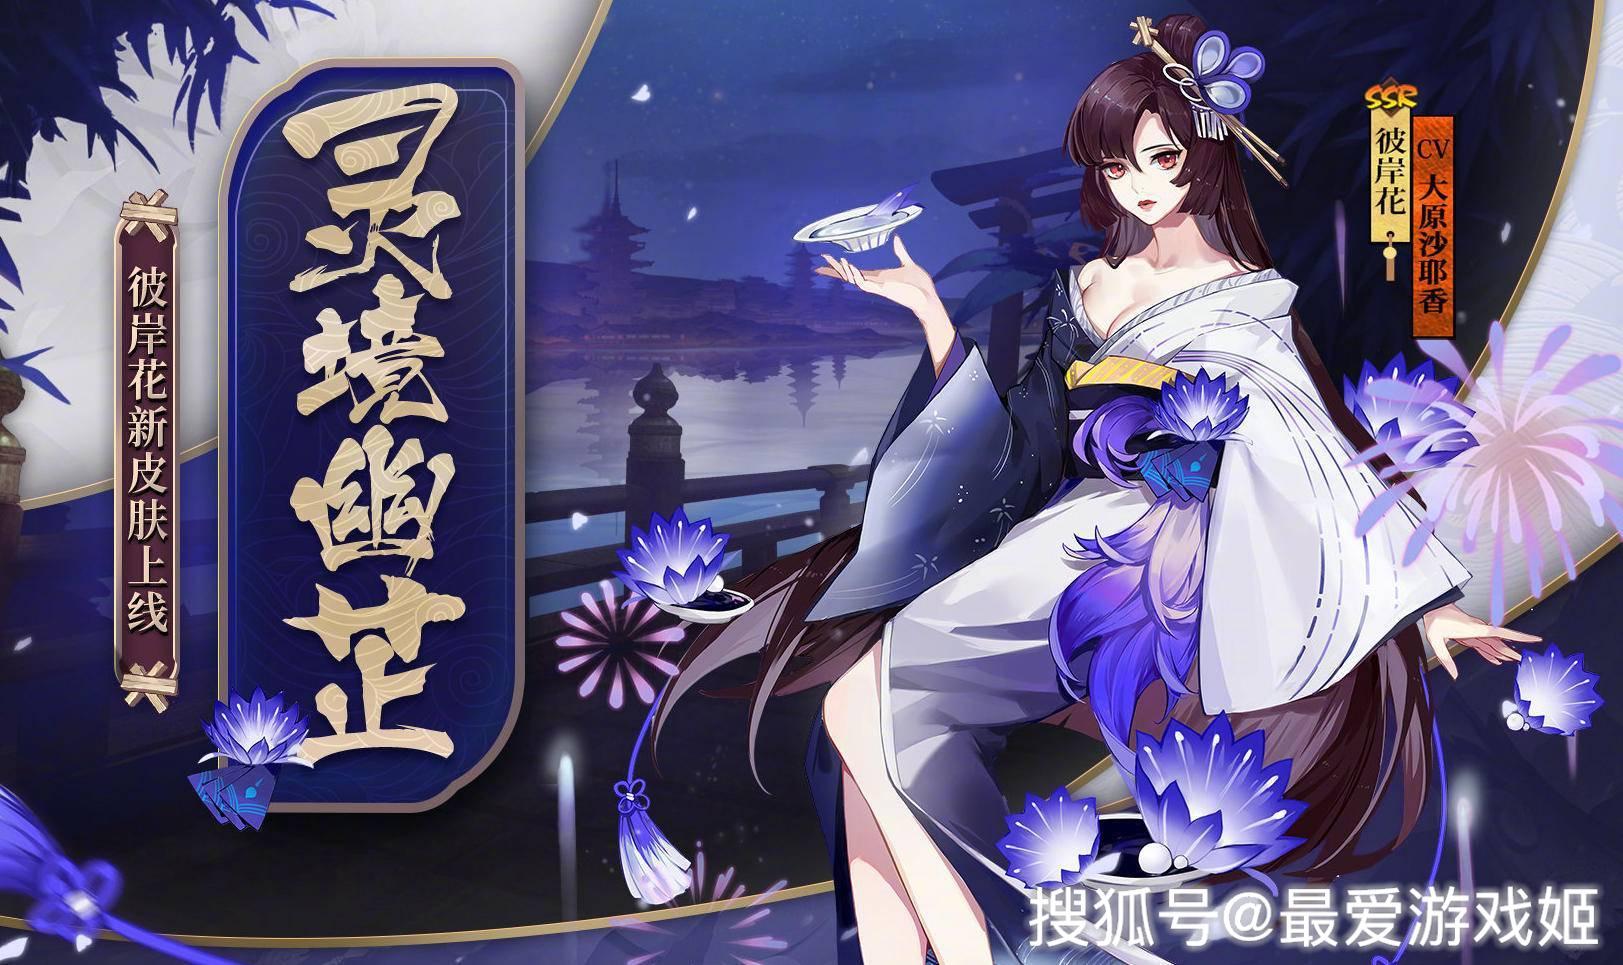 阴阳师彼岸花新皮肤灵境幽芷:蓝白浴衣花,白堇花真的没机会?